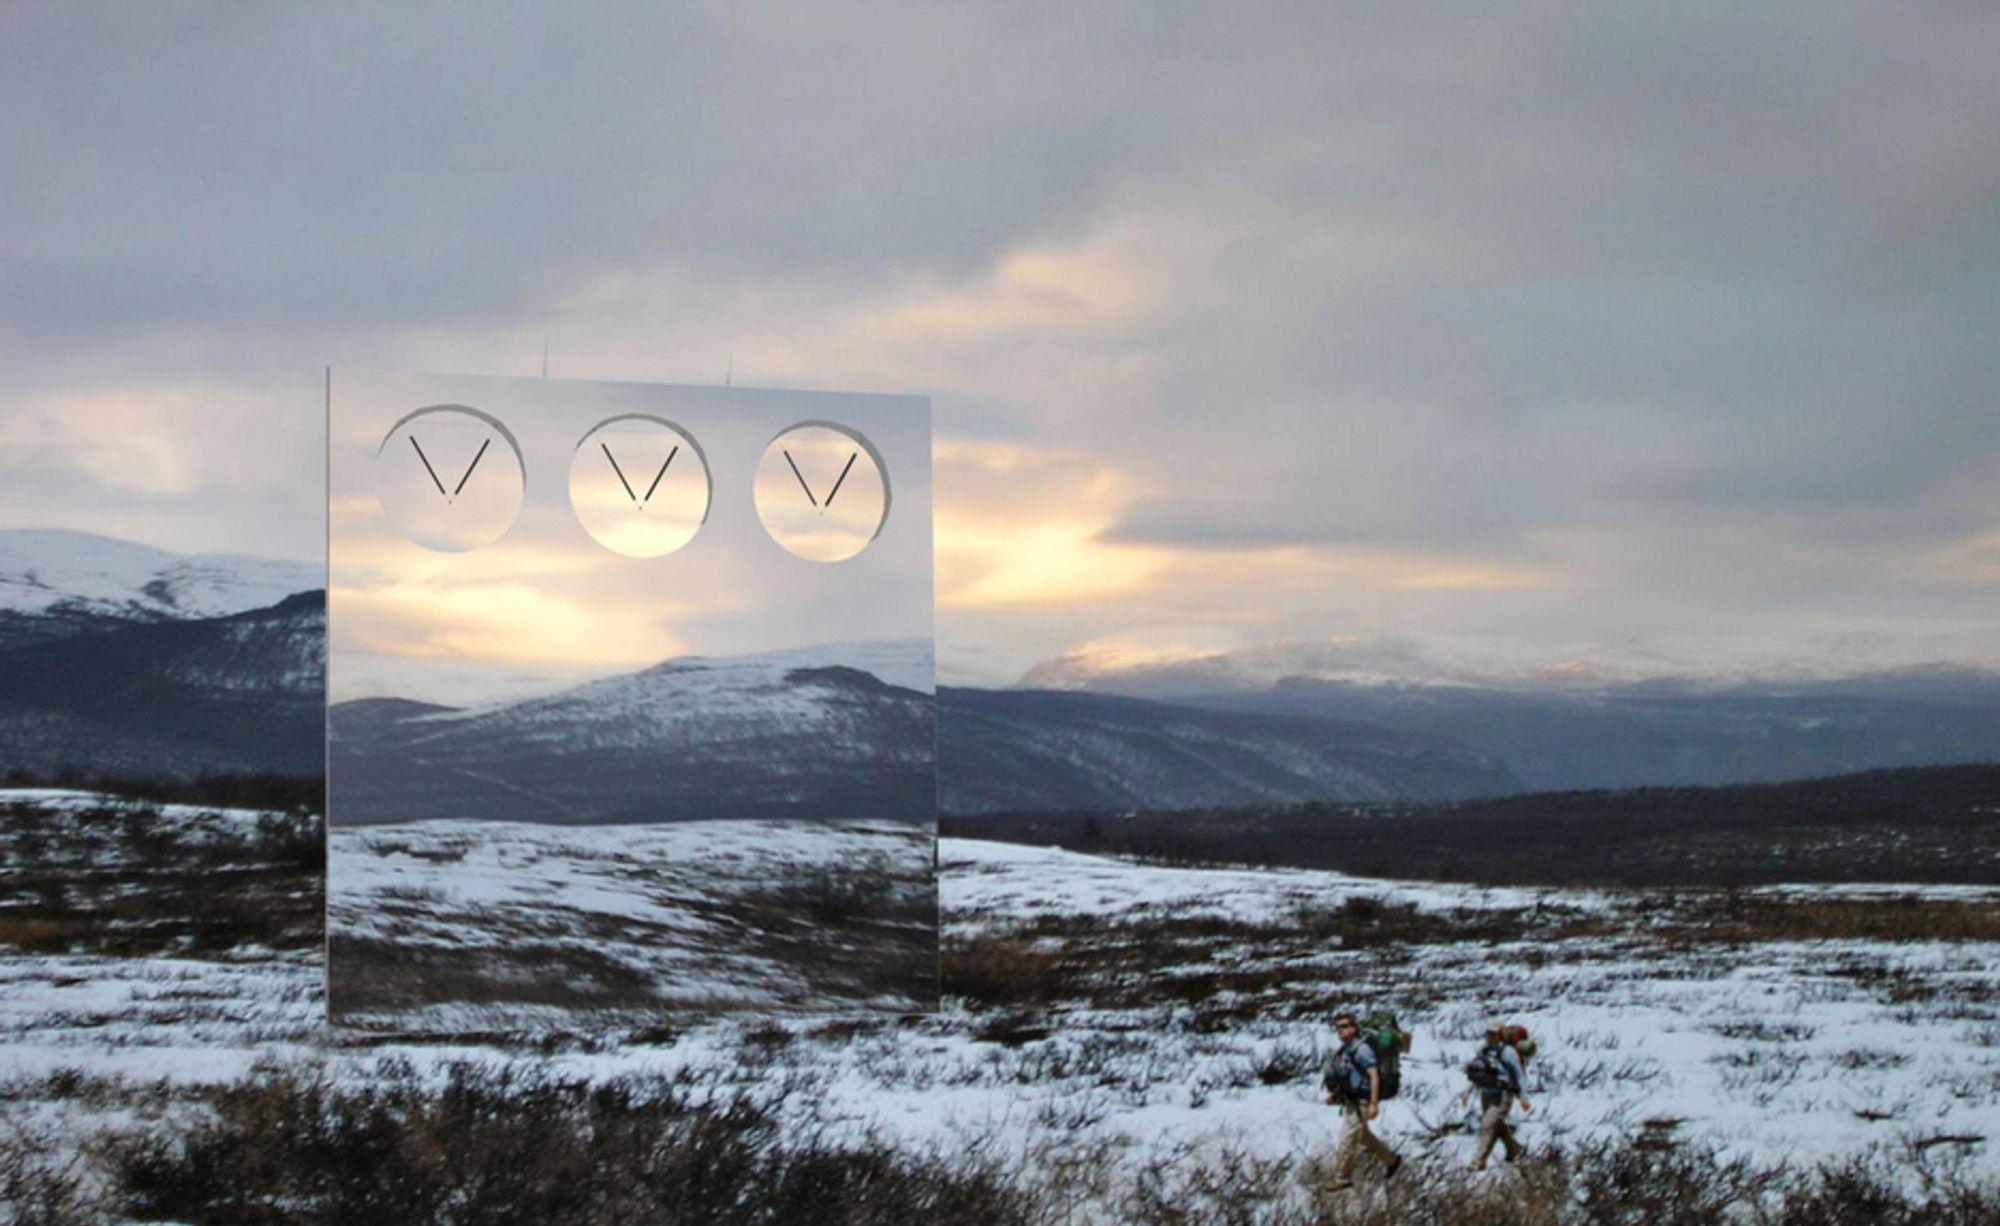 Bidraget Speilveggen vil bli plassert på Heia i Troms - om innbyggerne i Balsfjord vil.